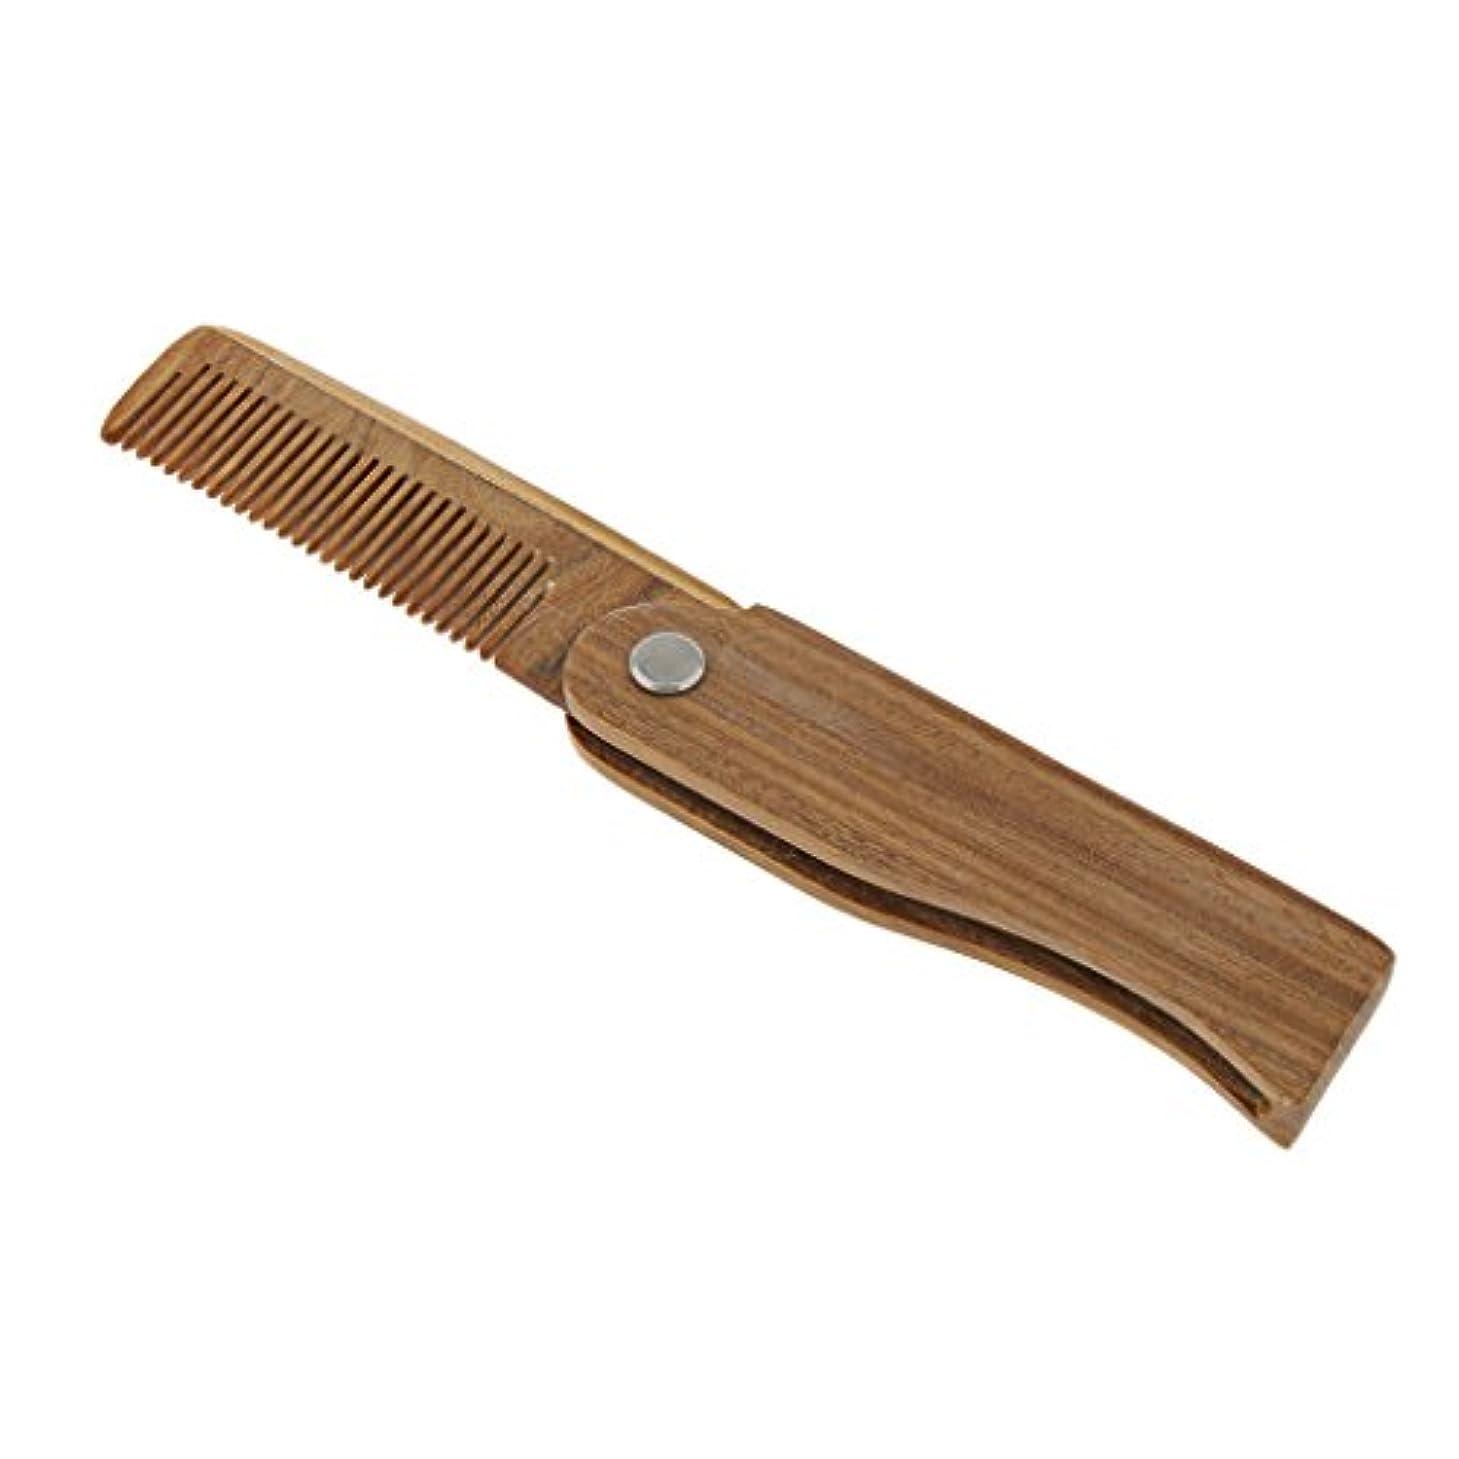 建てるかまど音声Fenteer 木製櫛 ヘアブラシ ヘアコーム ポケットサイズ 折り畳み式 ひげ櫛 2タイプ選べる - B